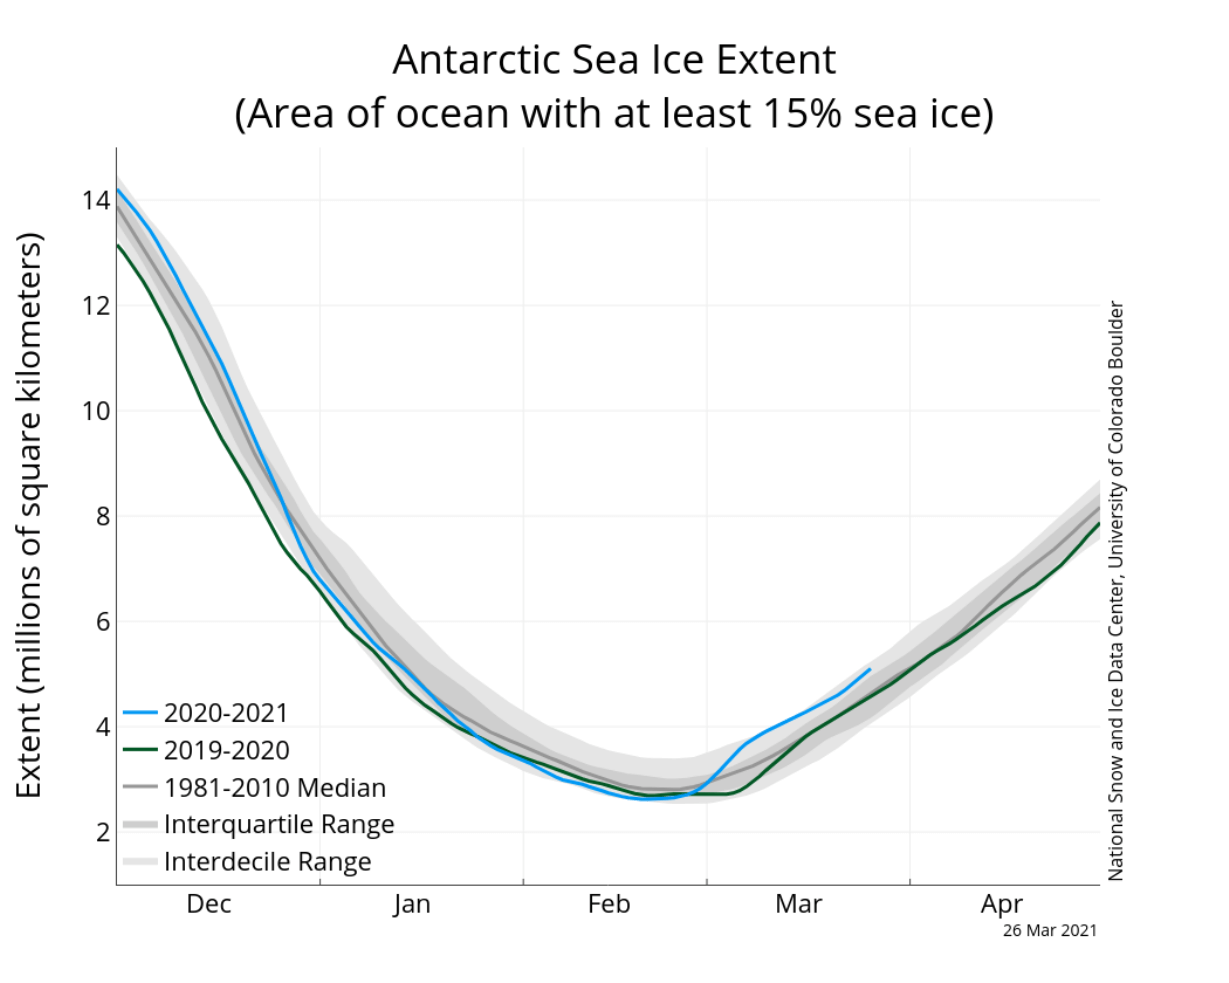 arctic-sea-ice-maximum-2021-melt-antarctic-extent